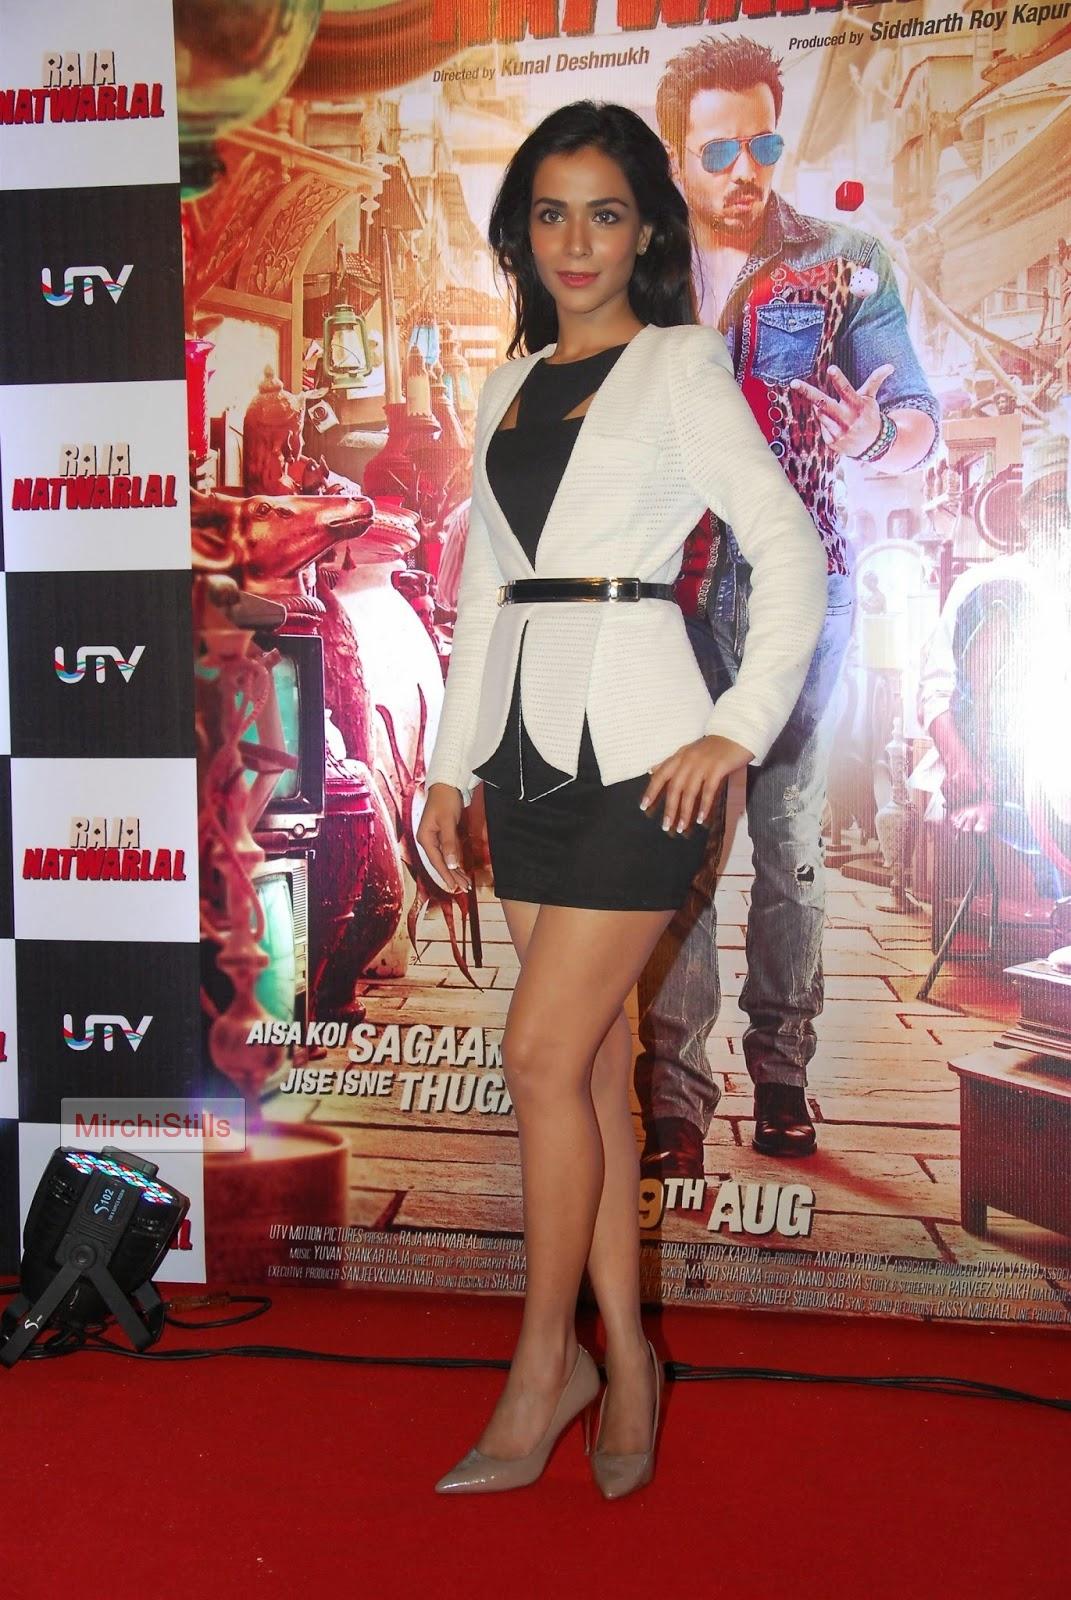 Humaima Malik Sexy Pics Simple mirchi stills: pakistani actress humaima malick showcasing her